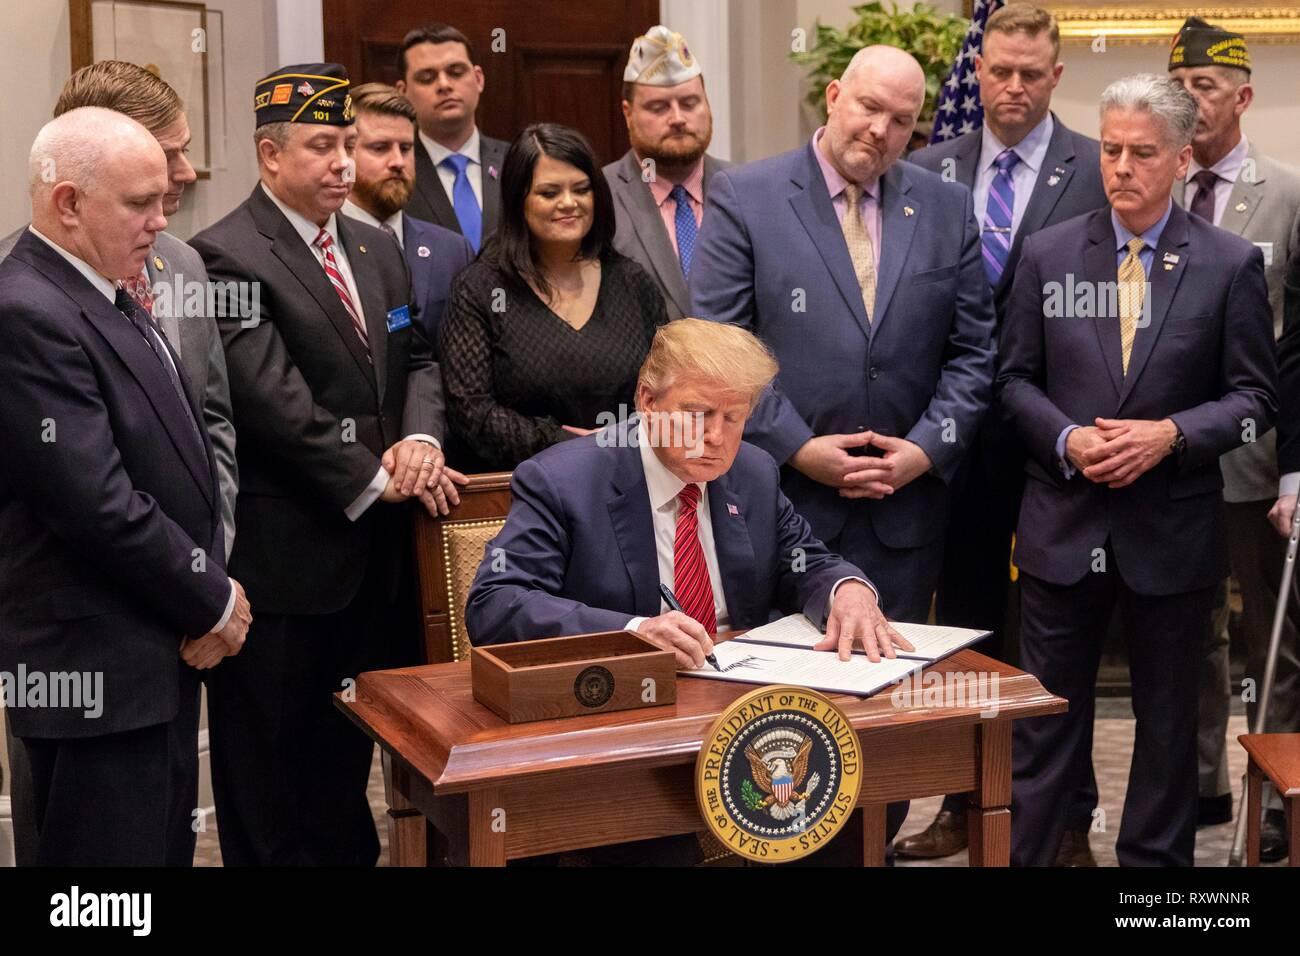 Us-Präsident Donald Trump Zeichen eine Ausführungsverordnung, die verhindert, dass Initiative im Roosevelt Raum des Weißen Hauses März 5, 2019 in Washington, DC. Die Initiative fordert eine Nationale Roadmap zu den Veteranen befähigen und Ende einer nationalen Tragödie des Selbstmords. Stockbild